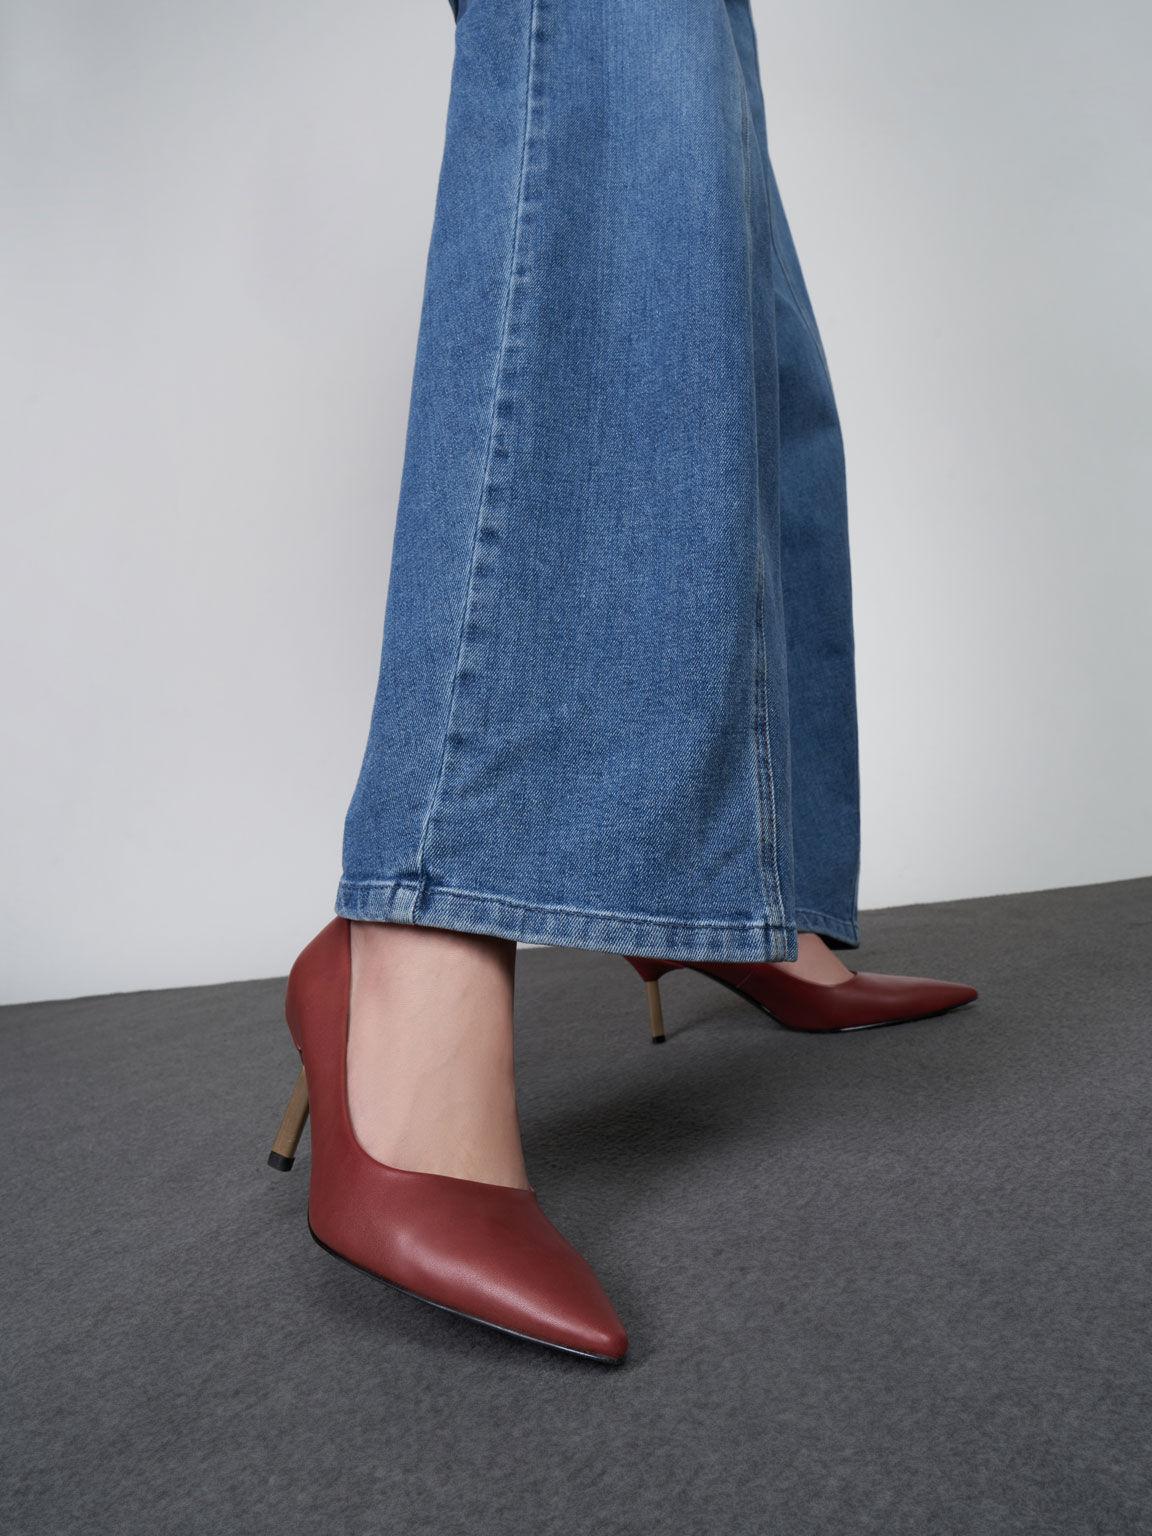 Metallic Stiletto Heel Pumps, Red, hi-res